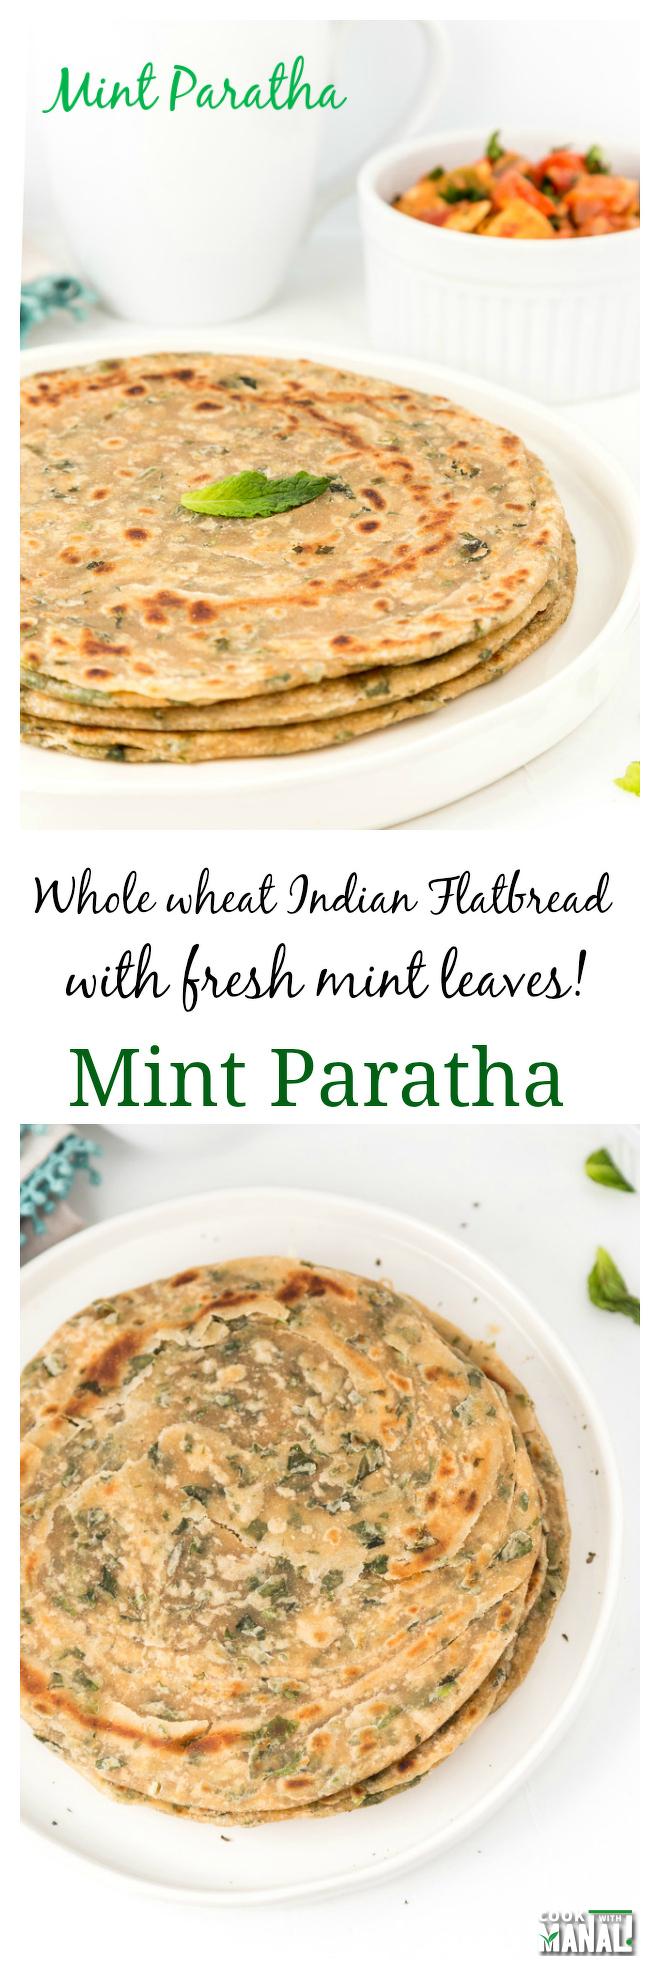 ... paratha peas paratha matar paratha kale paratha v avocado paratha